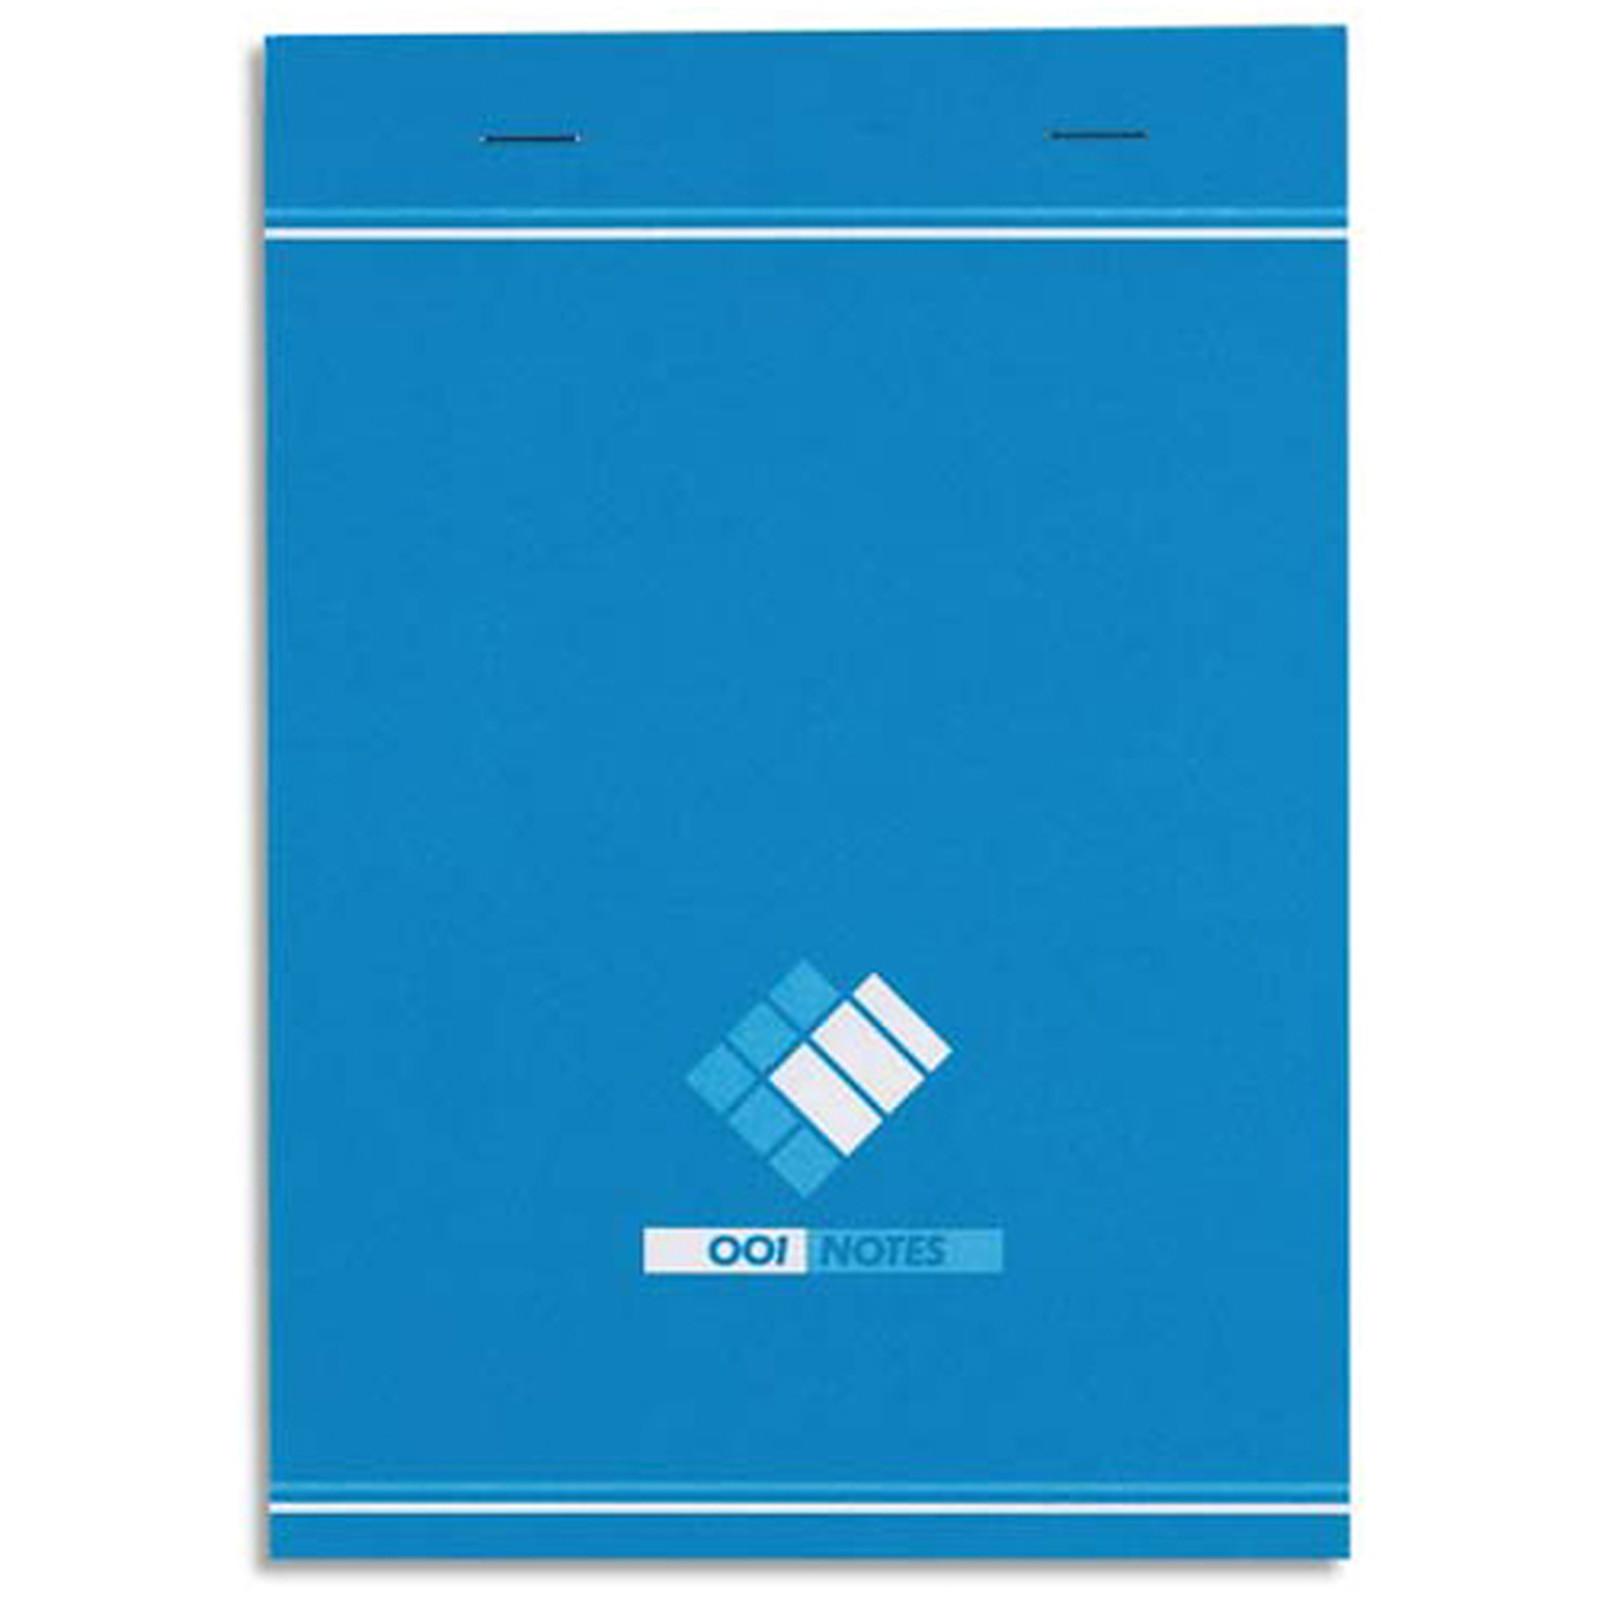 Oxford Bloc 001 Bloc notes 200 pages 148 x 210 mm petits carreaux 60g